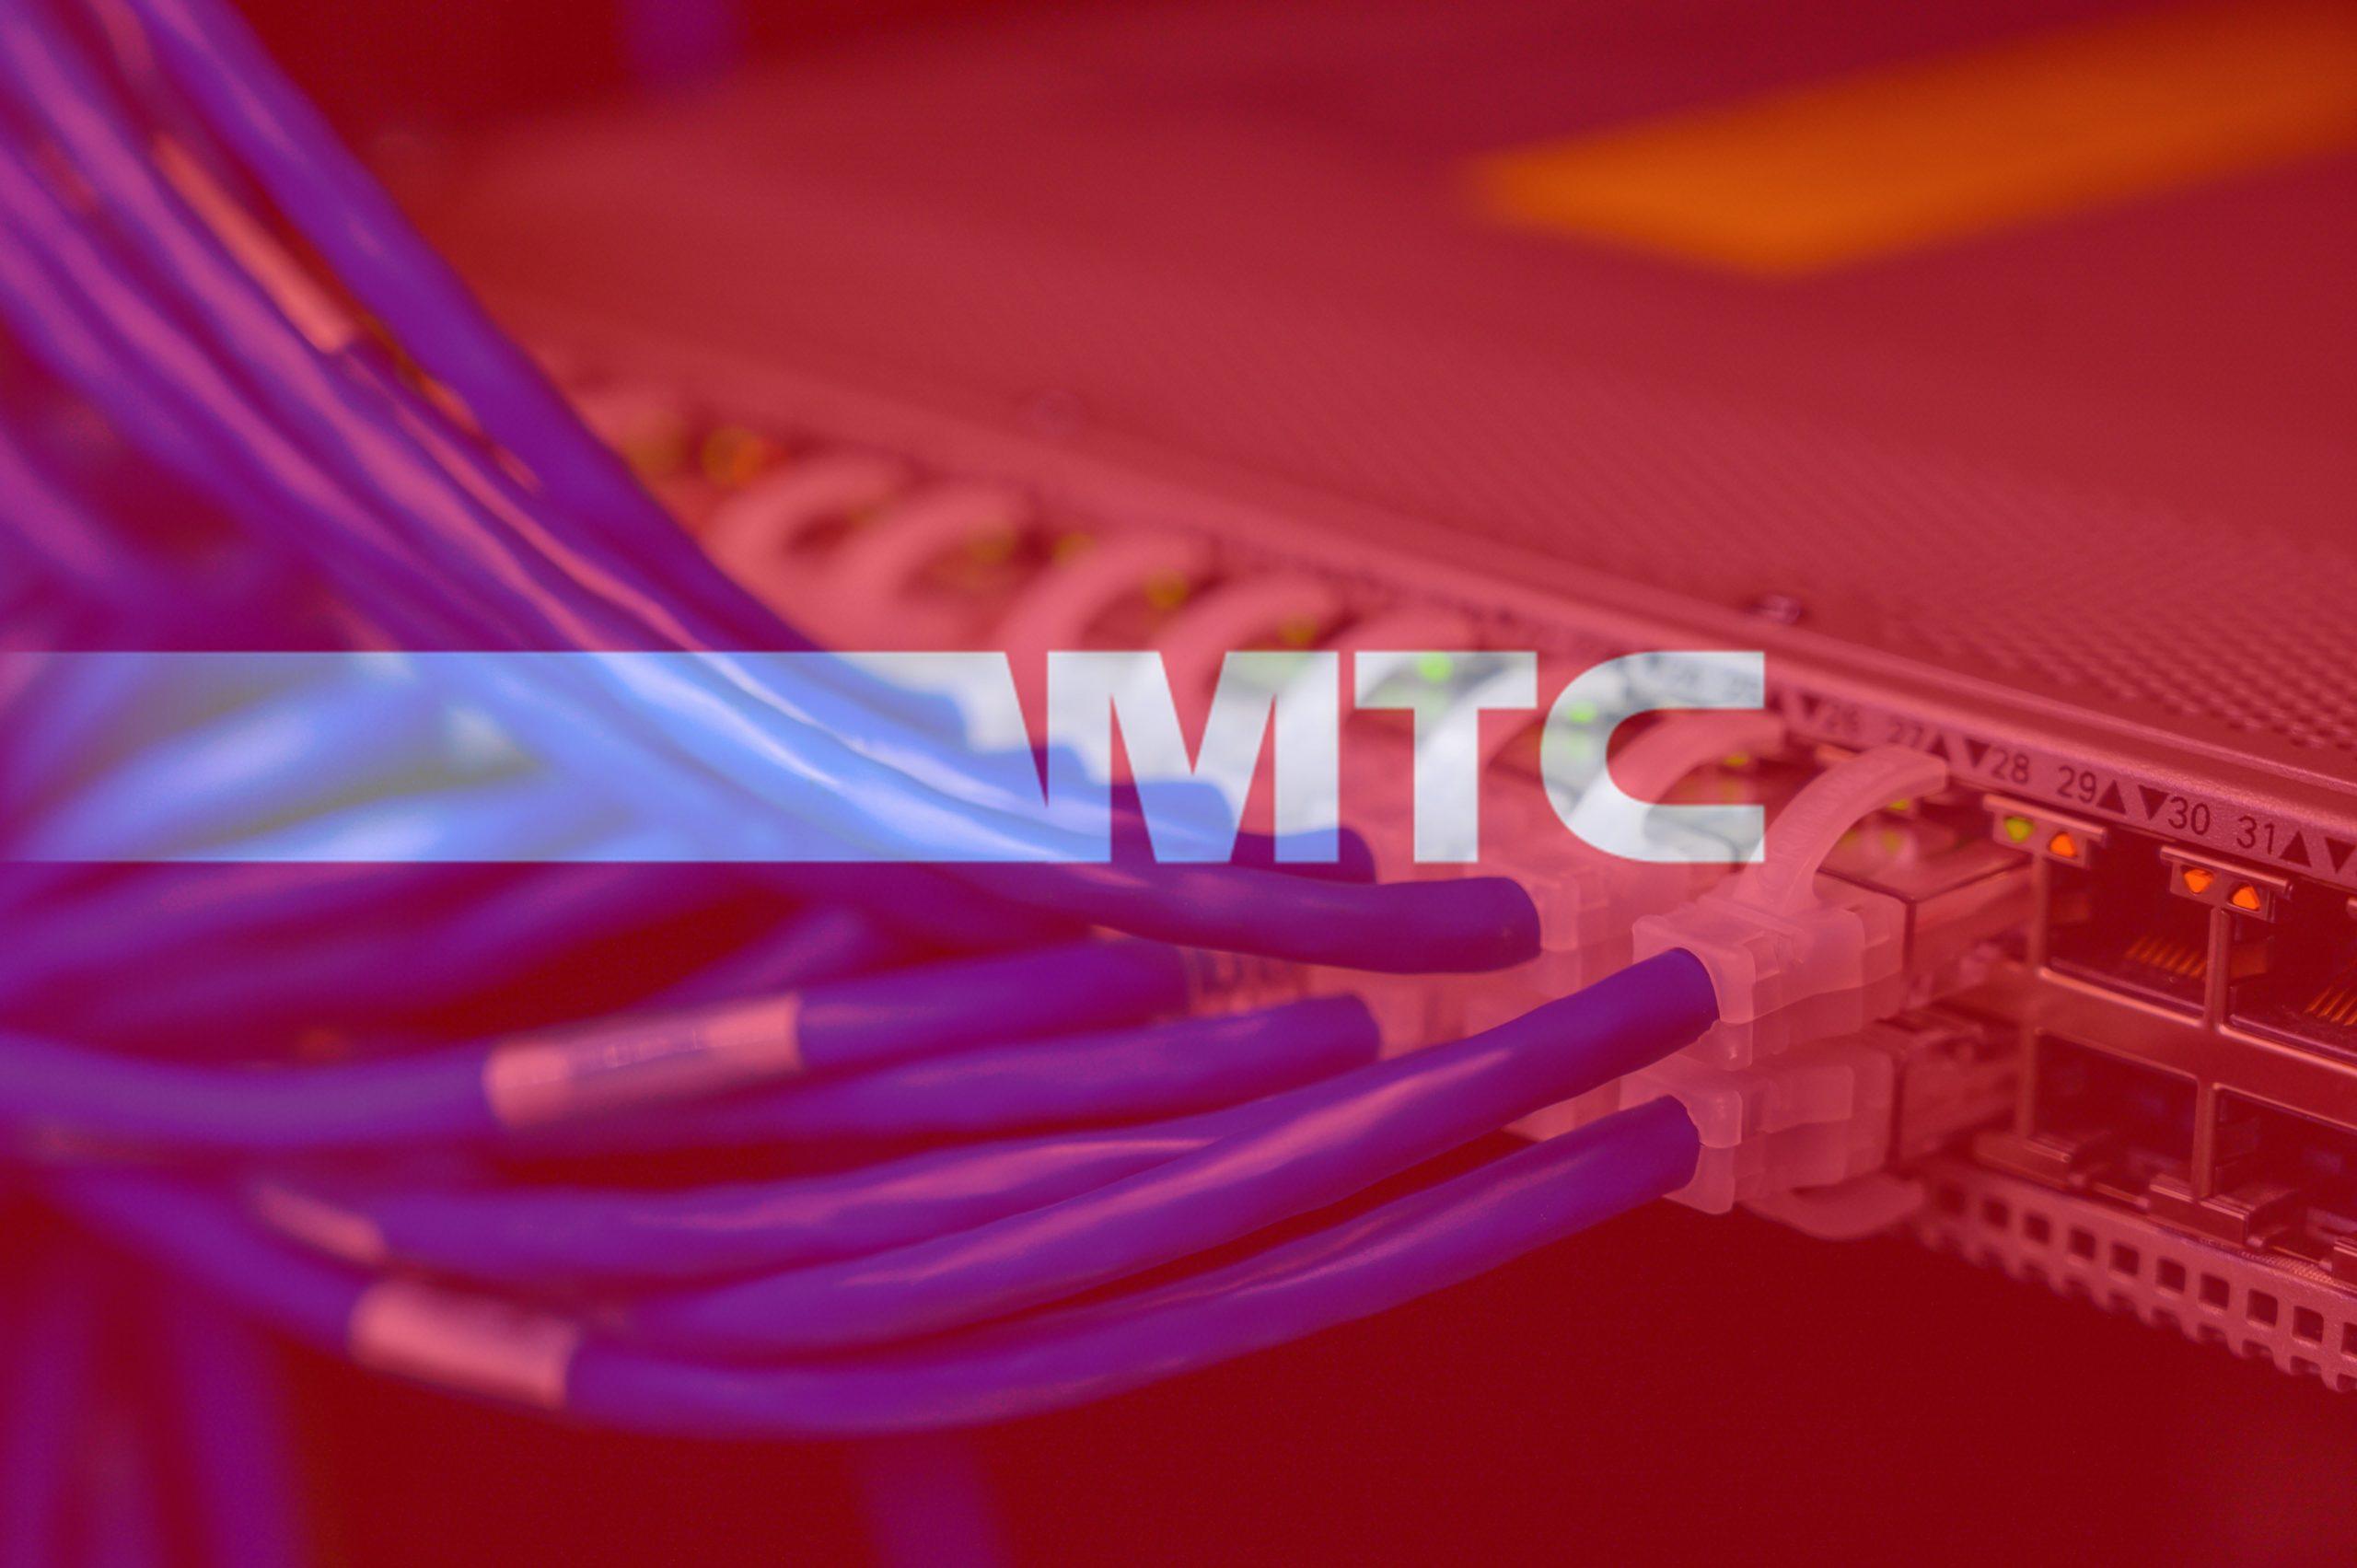 МТС поможет бизнесу Заполярья с проектированием облачных решений 1